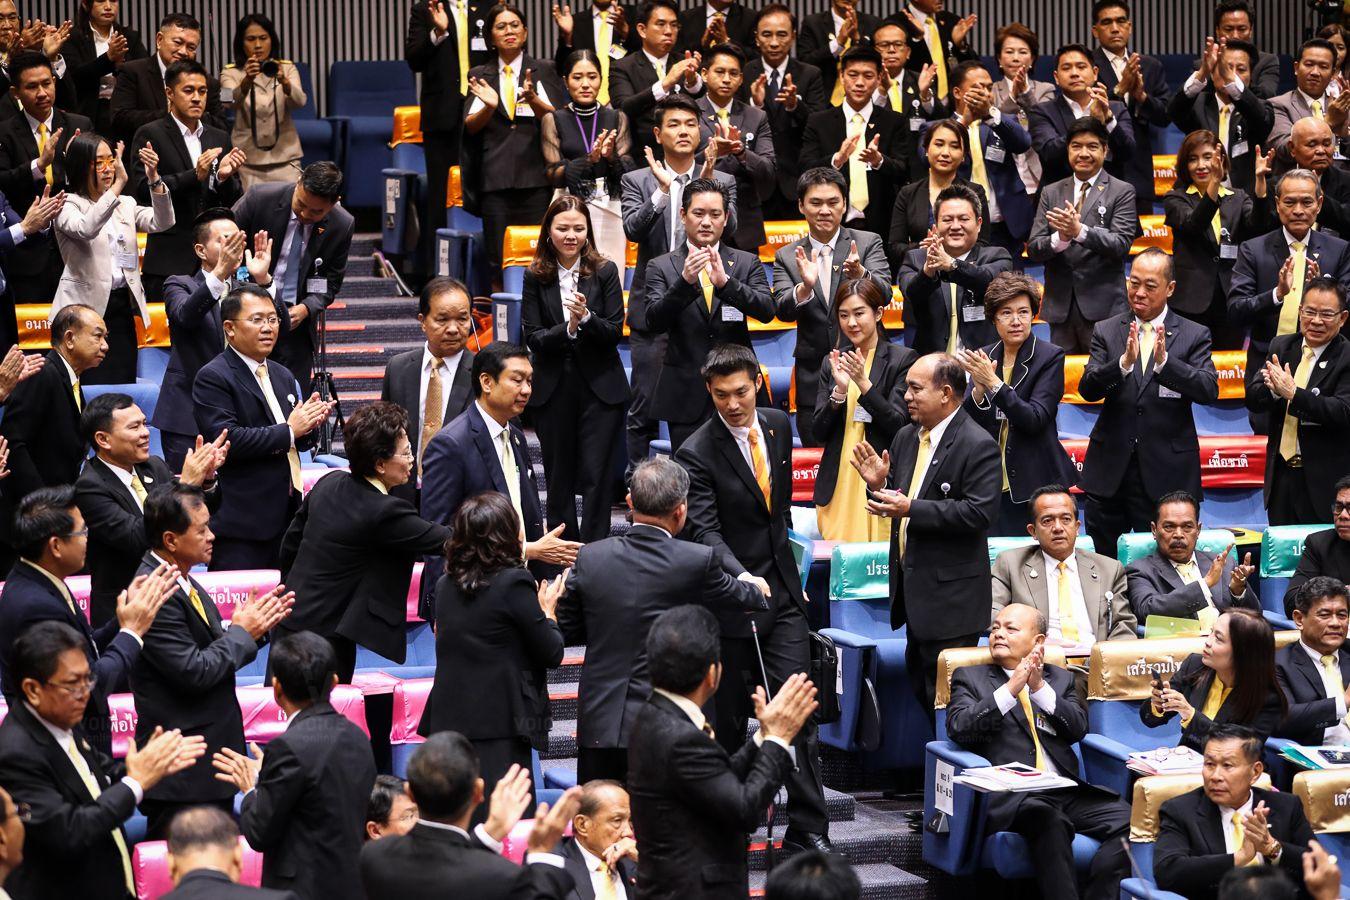 ธนาธร-ประชุมสภา-ยุติการปฏิบัติหน้าที่ ส.ส.-จับมือ-เฉลิม